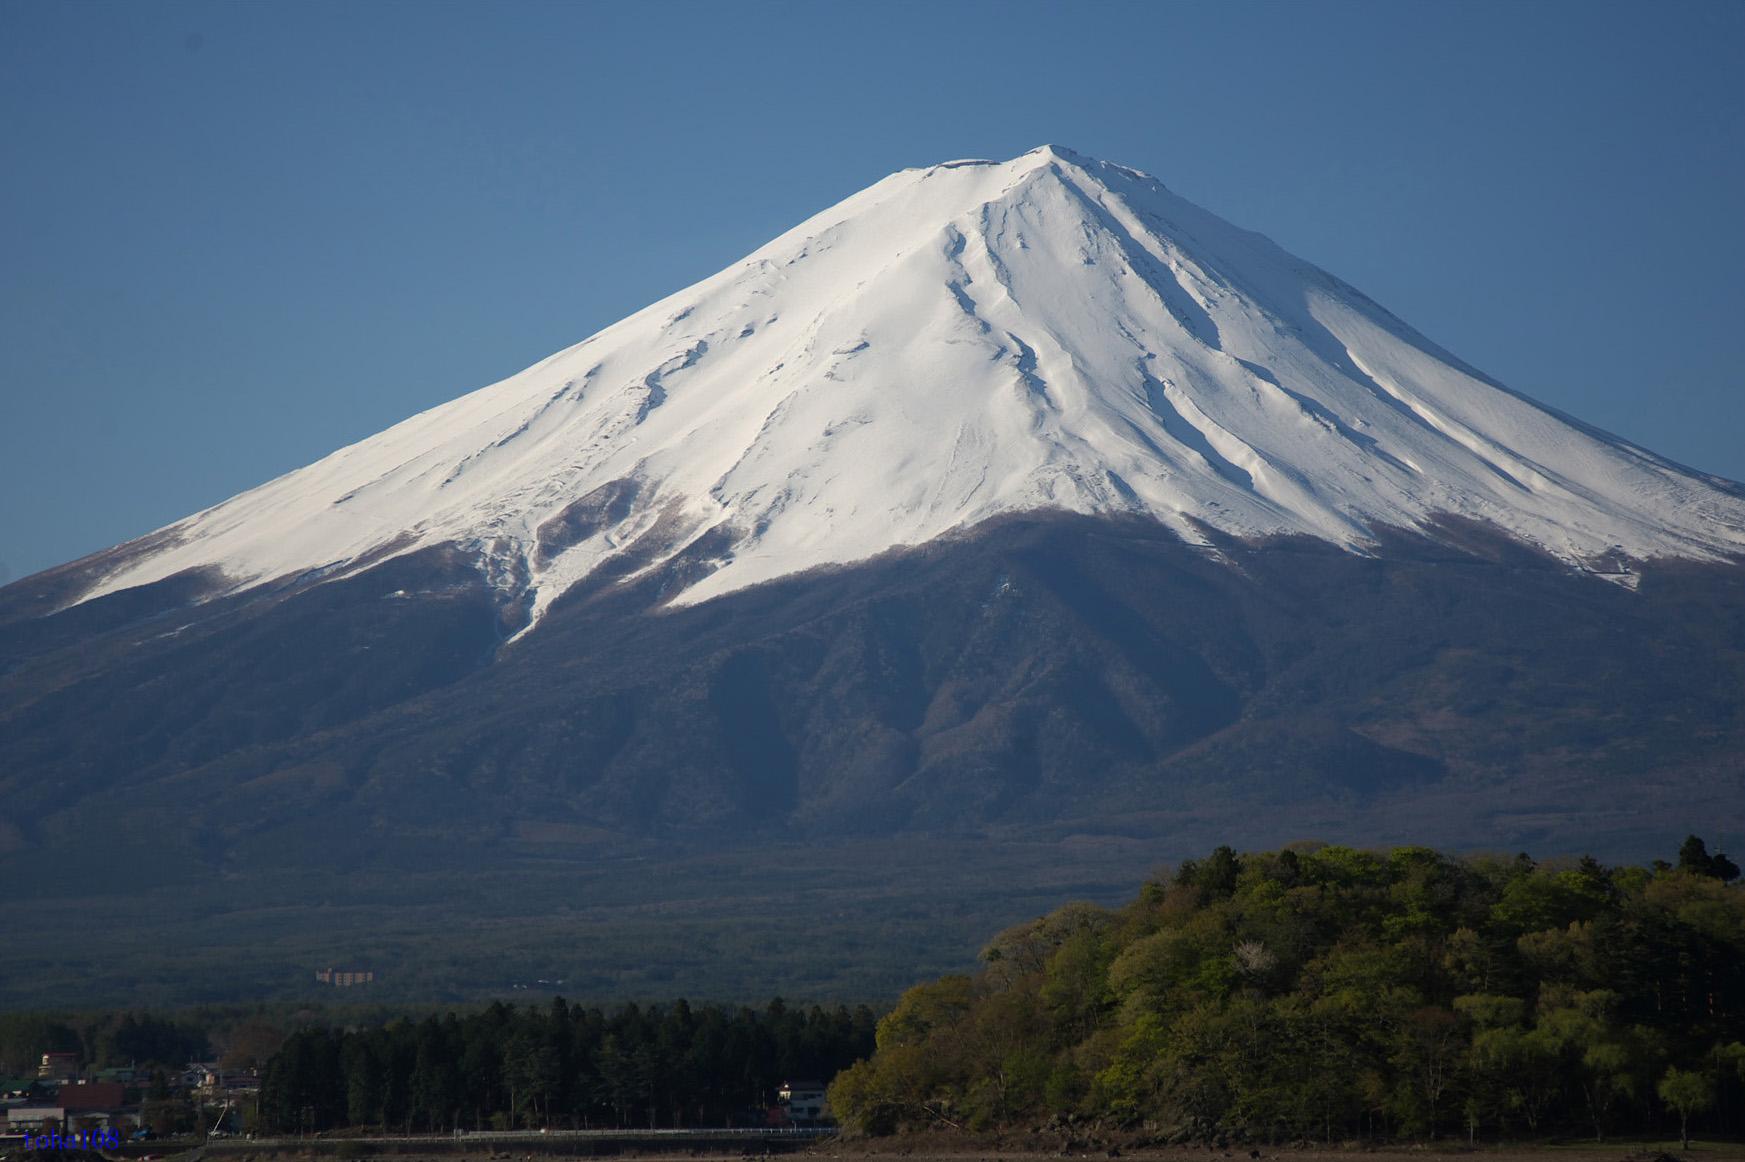 ポポカテペトル火山 噴火